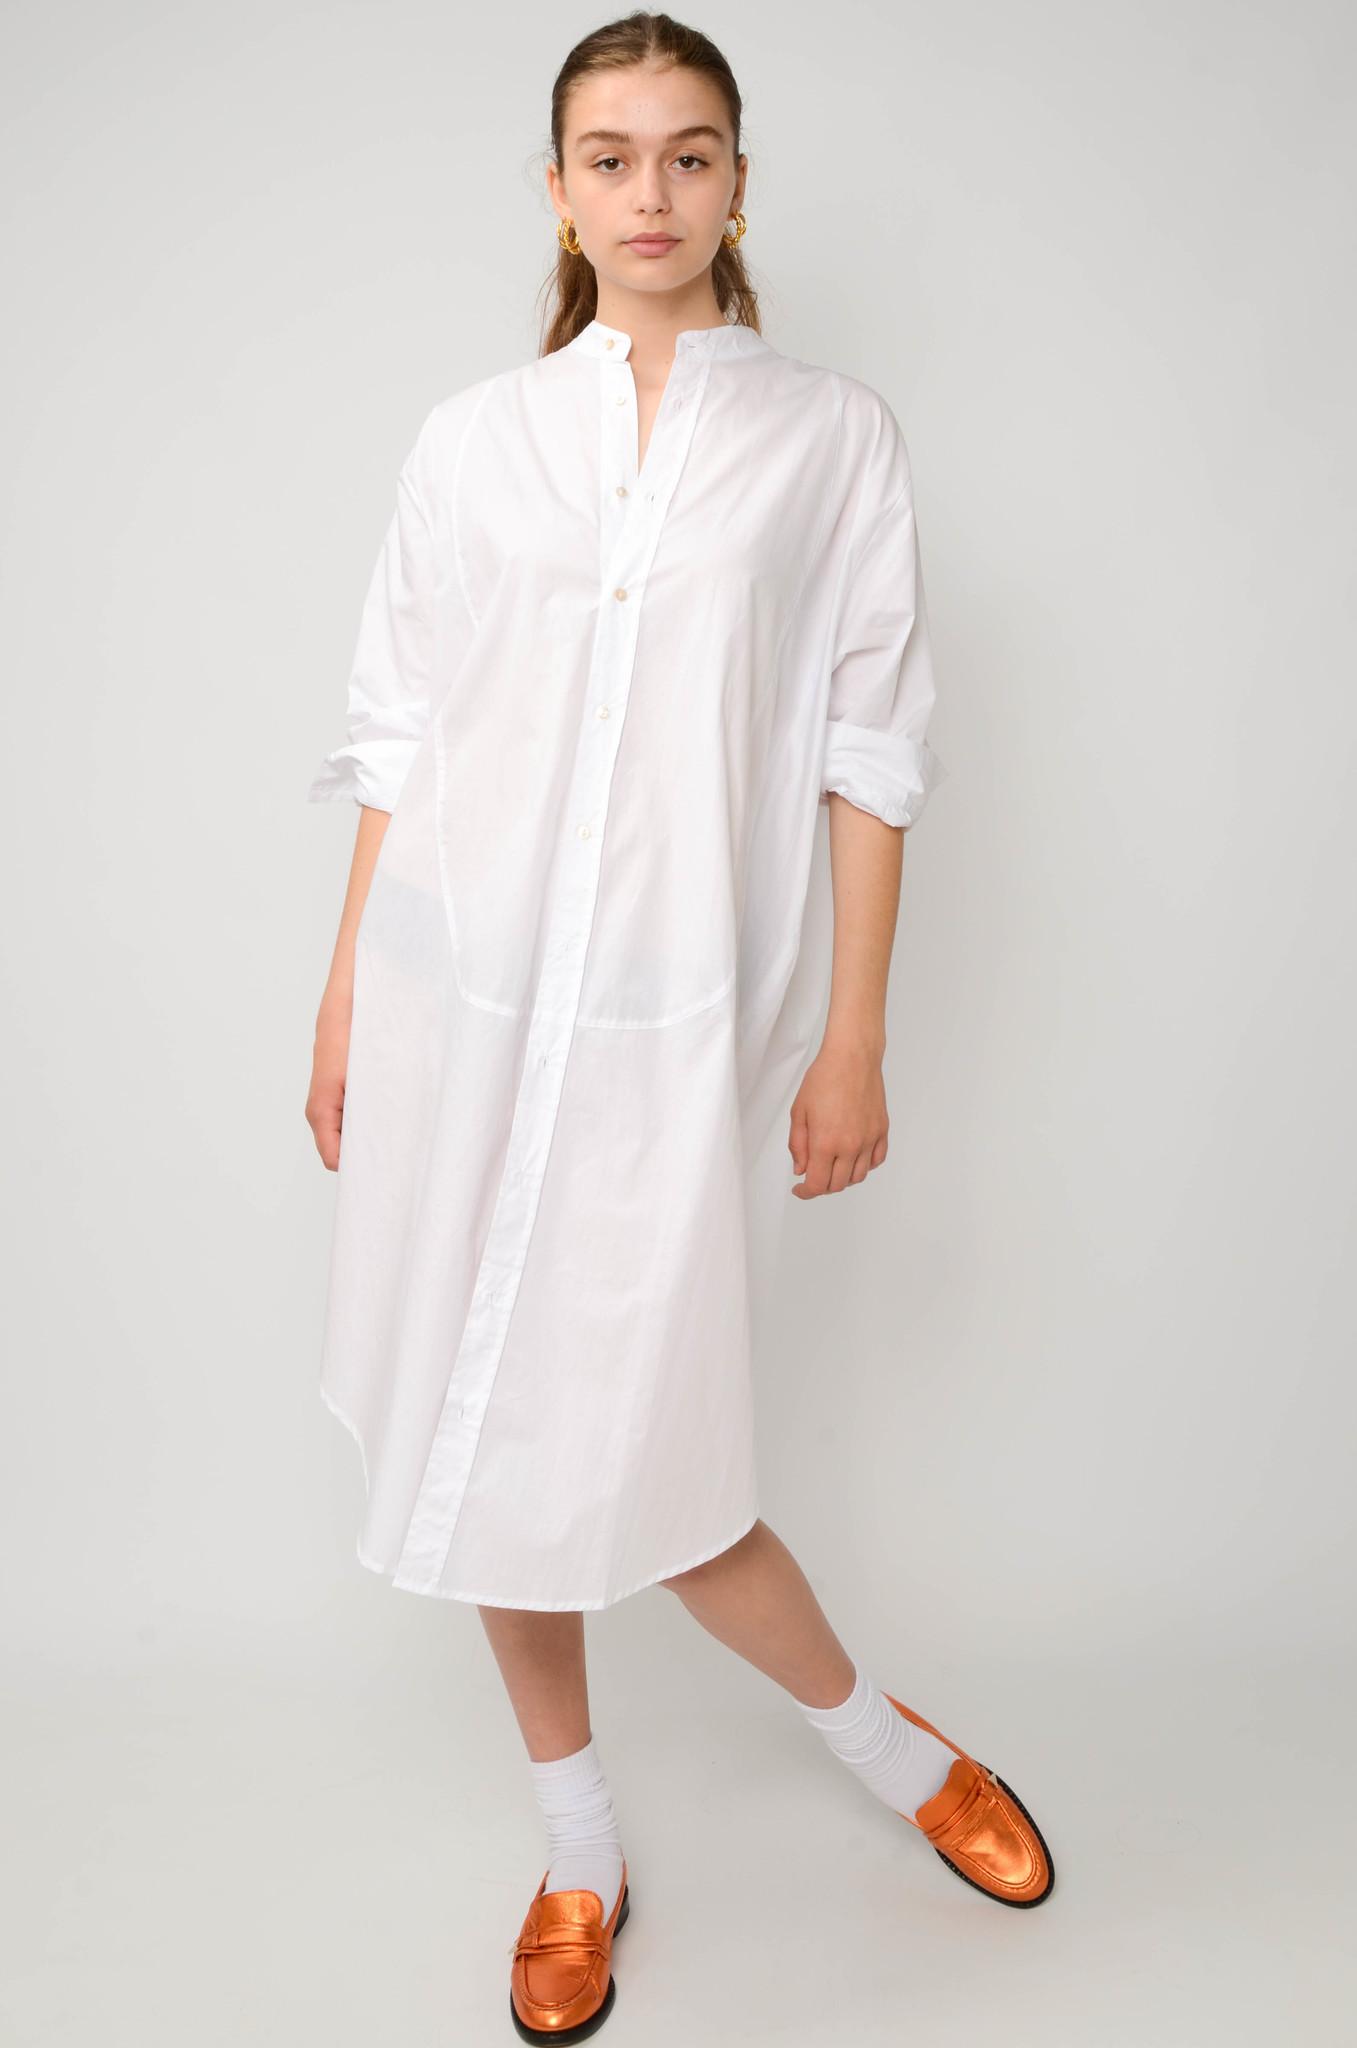 CAJSA SHIRT DRESS-5